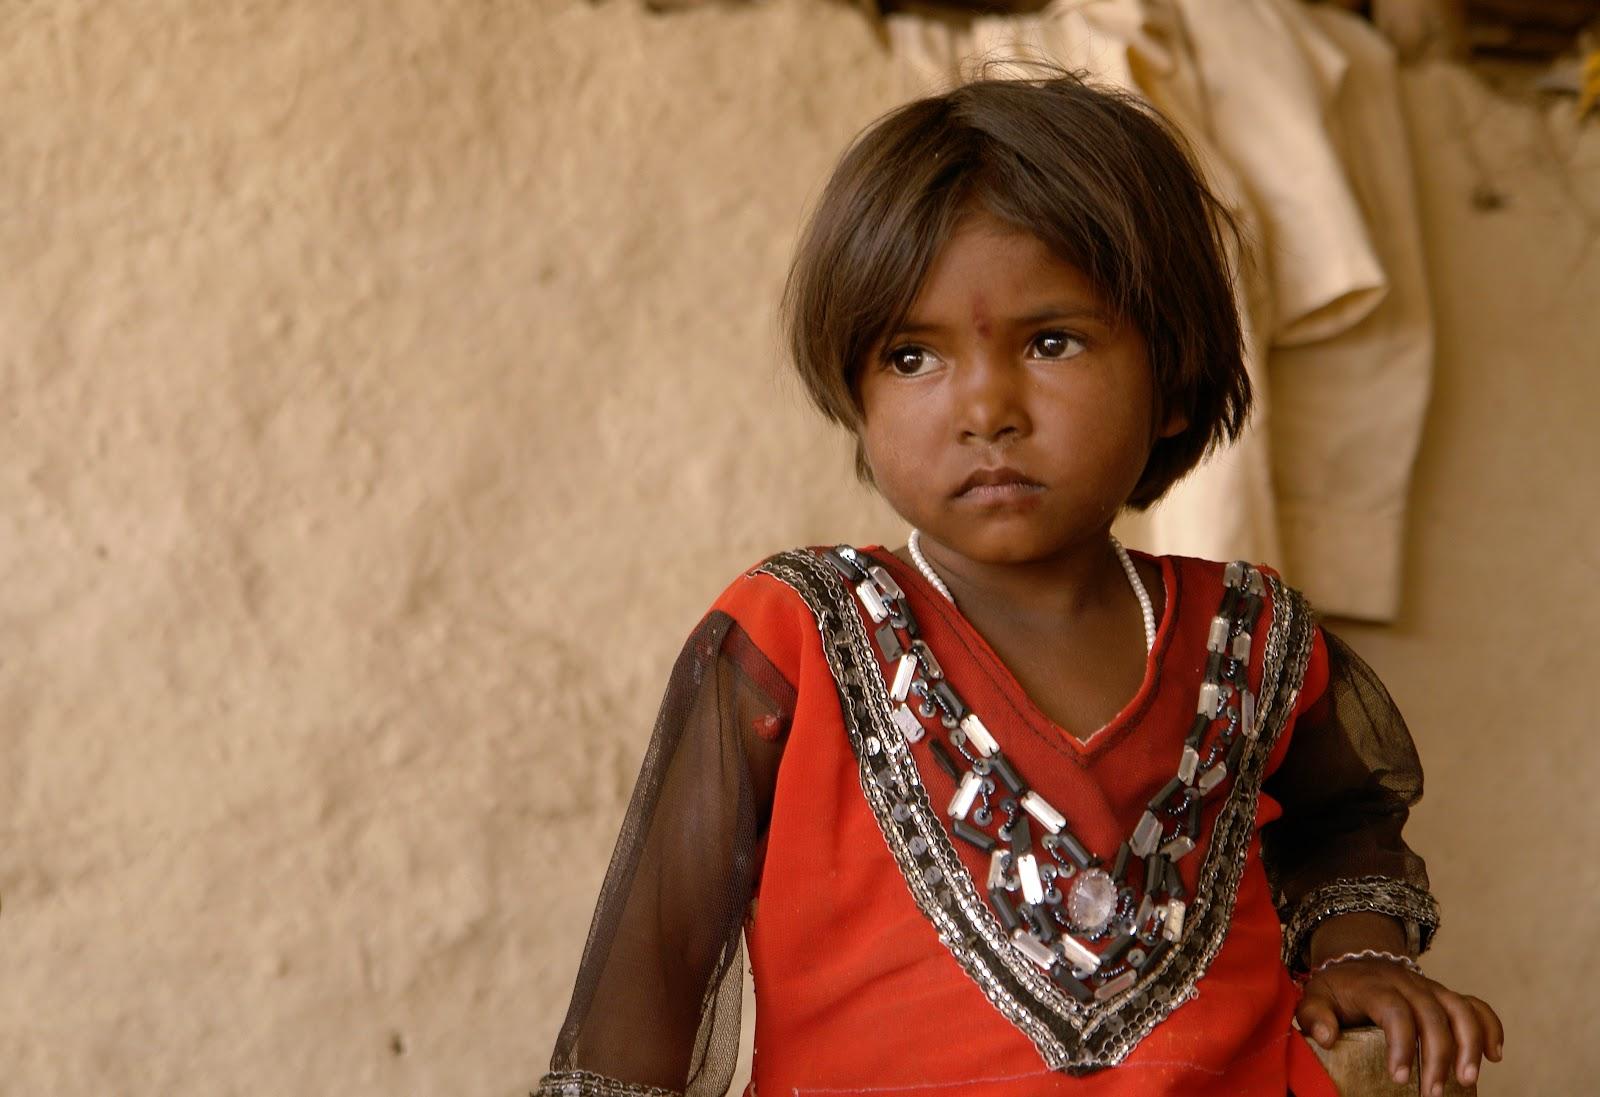 マディヤ・プラデーシュ州ライセン県の若いインド少女